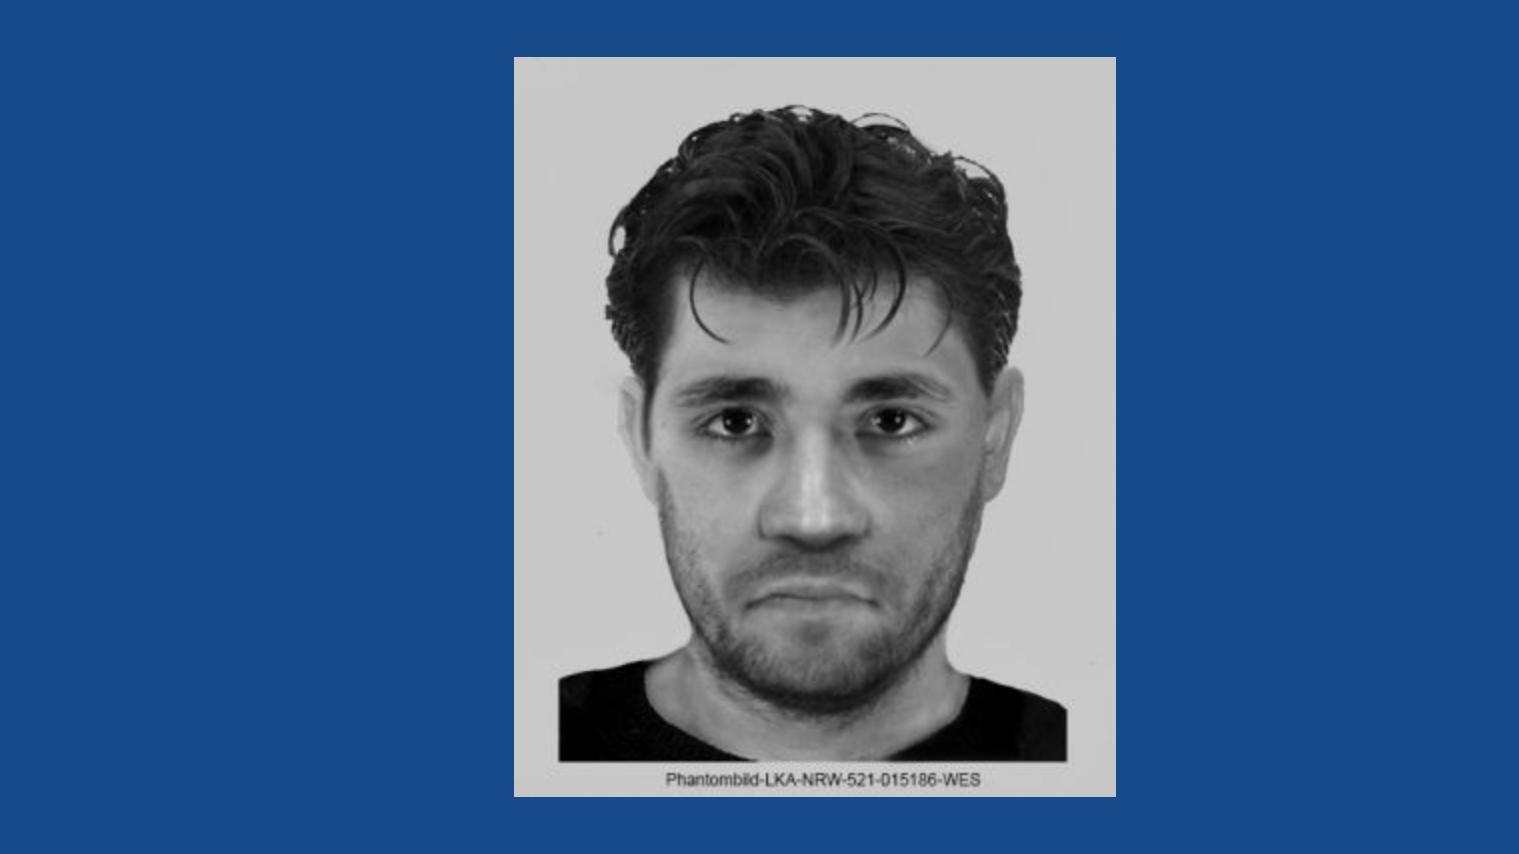 Mit diesem Phantombild fahndet die Polizei Düsseldorf nach dem mutmaßlichen Vergewaltiger.